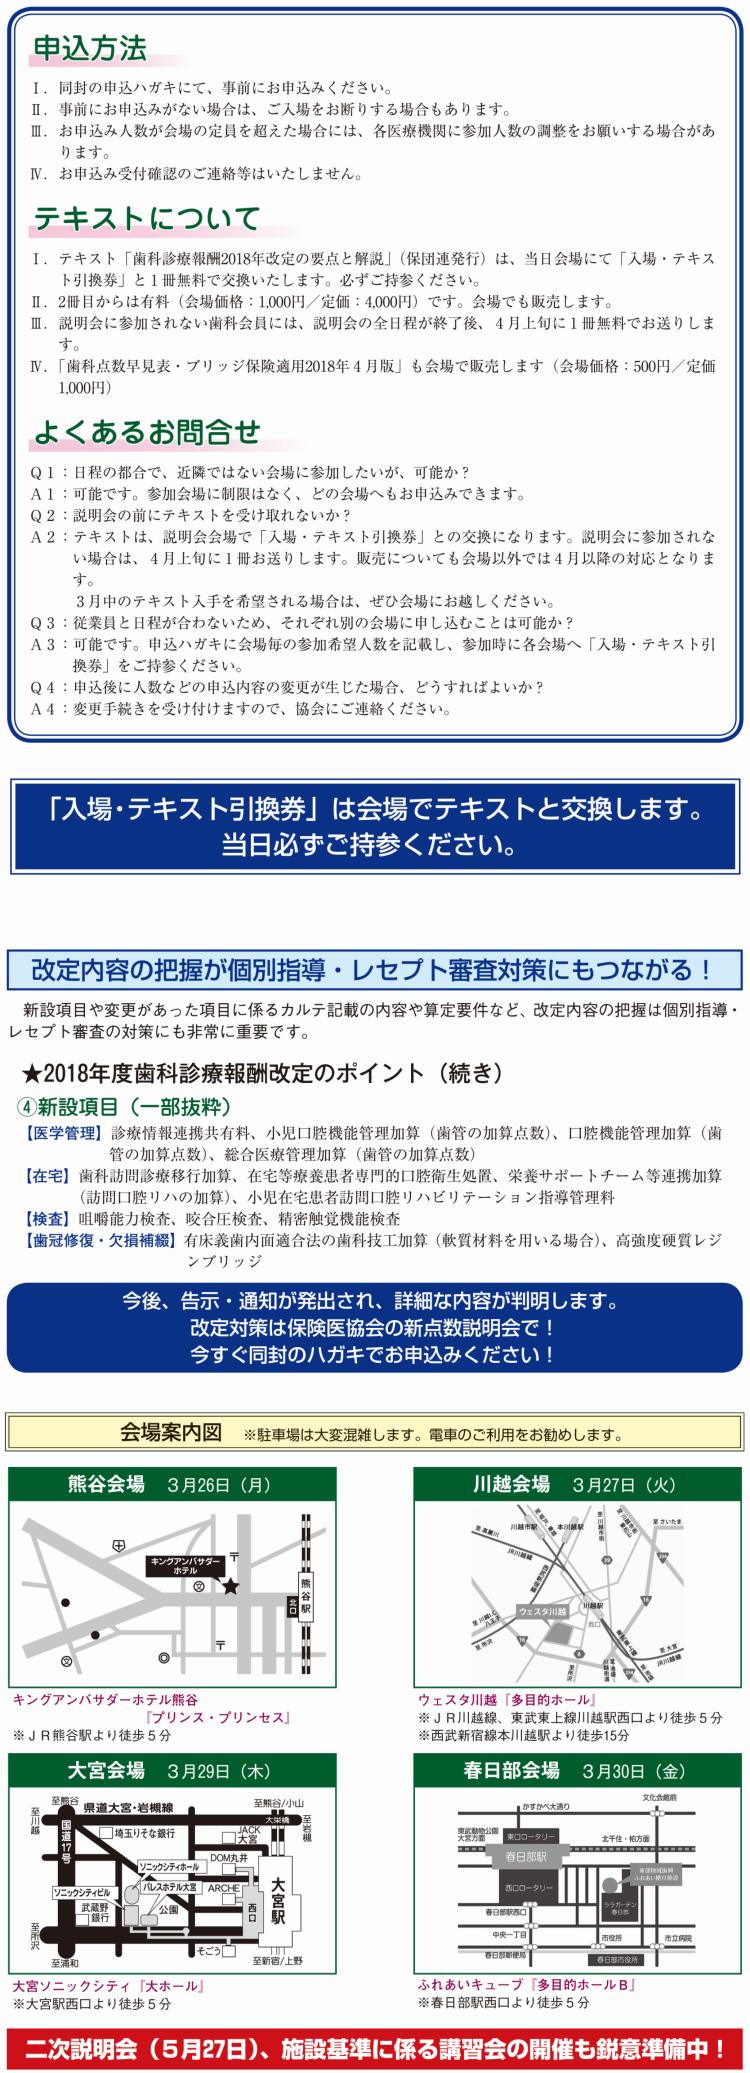 2018年4月1日改定 歯科新点数説明会の申込方法 テキストについて よくあるお問い合わせ